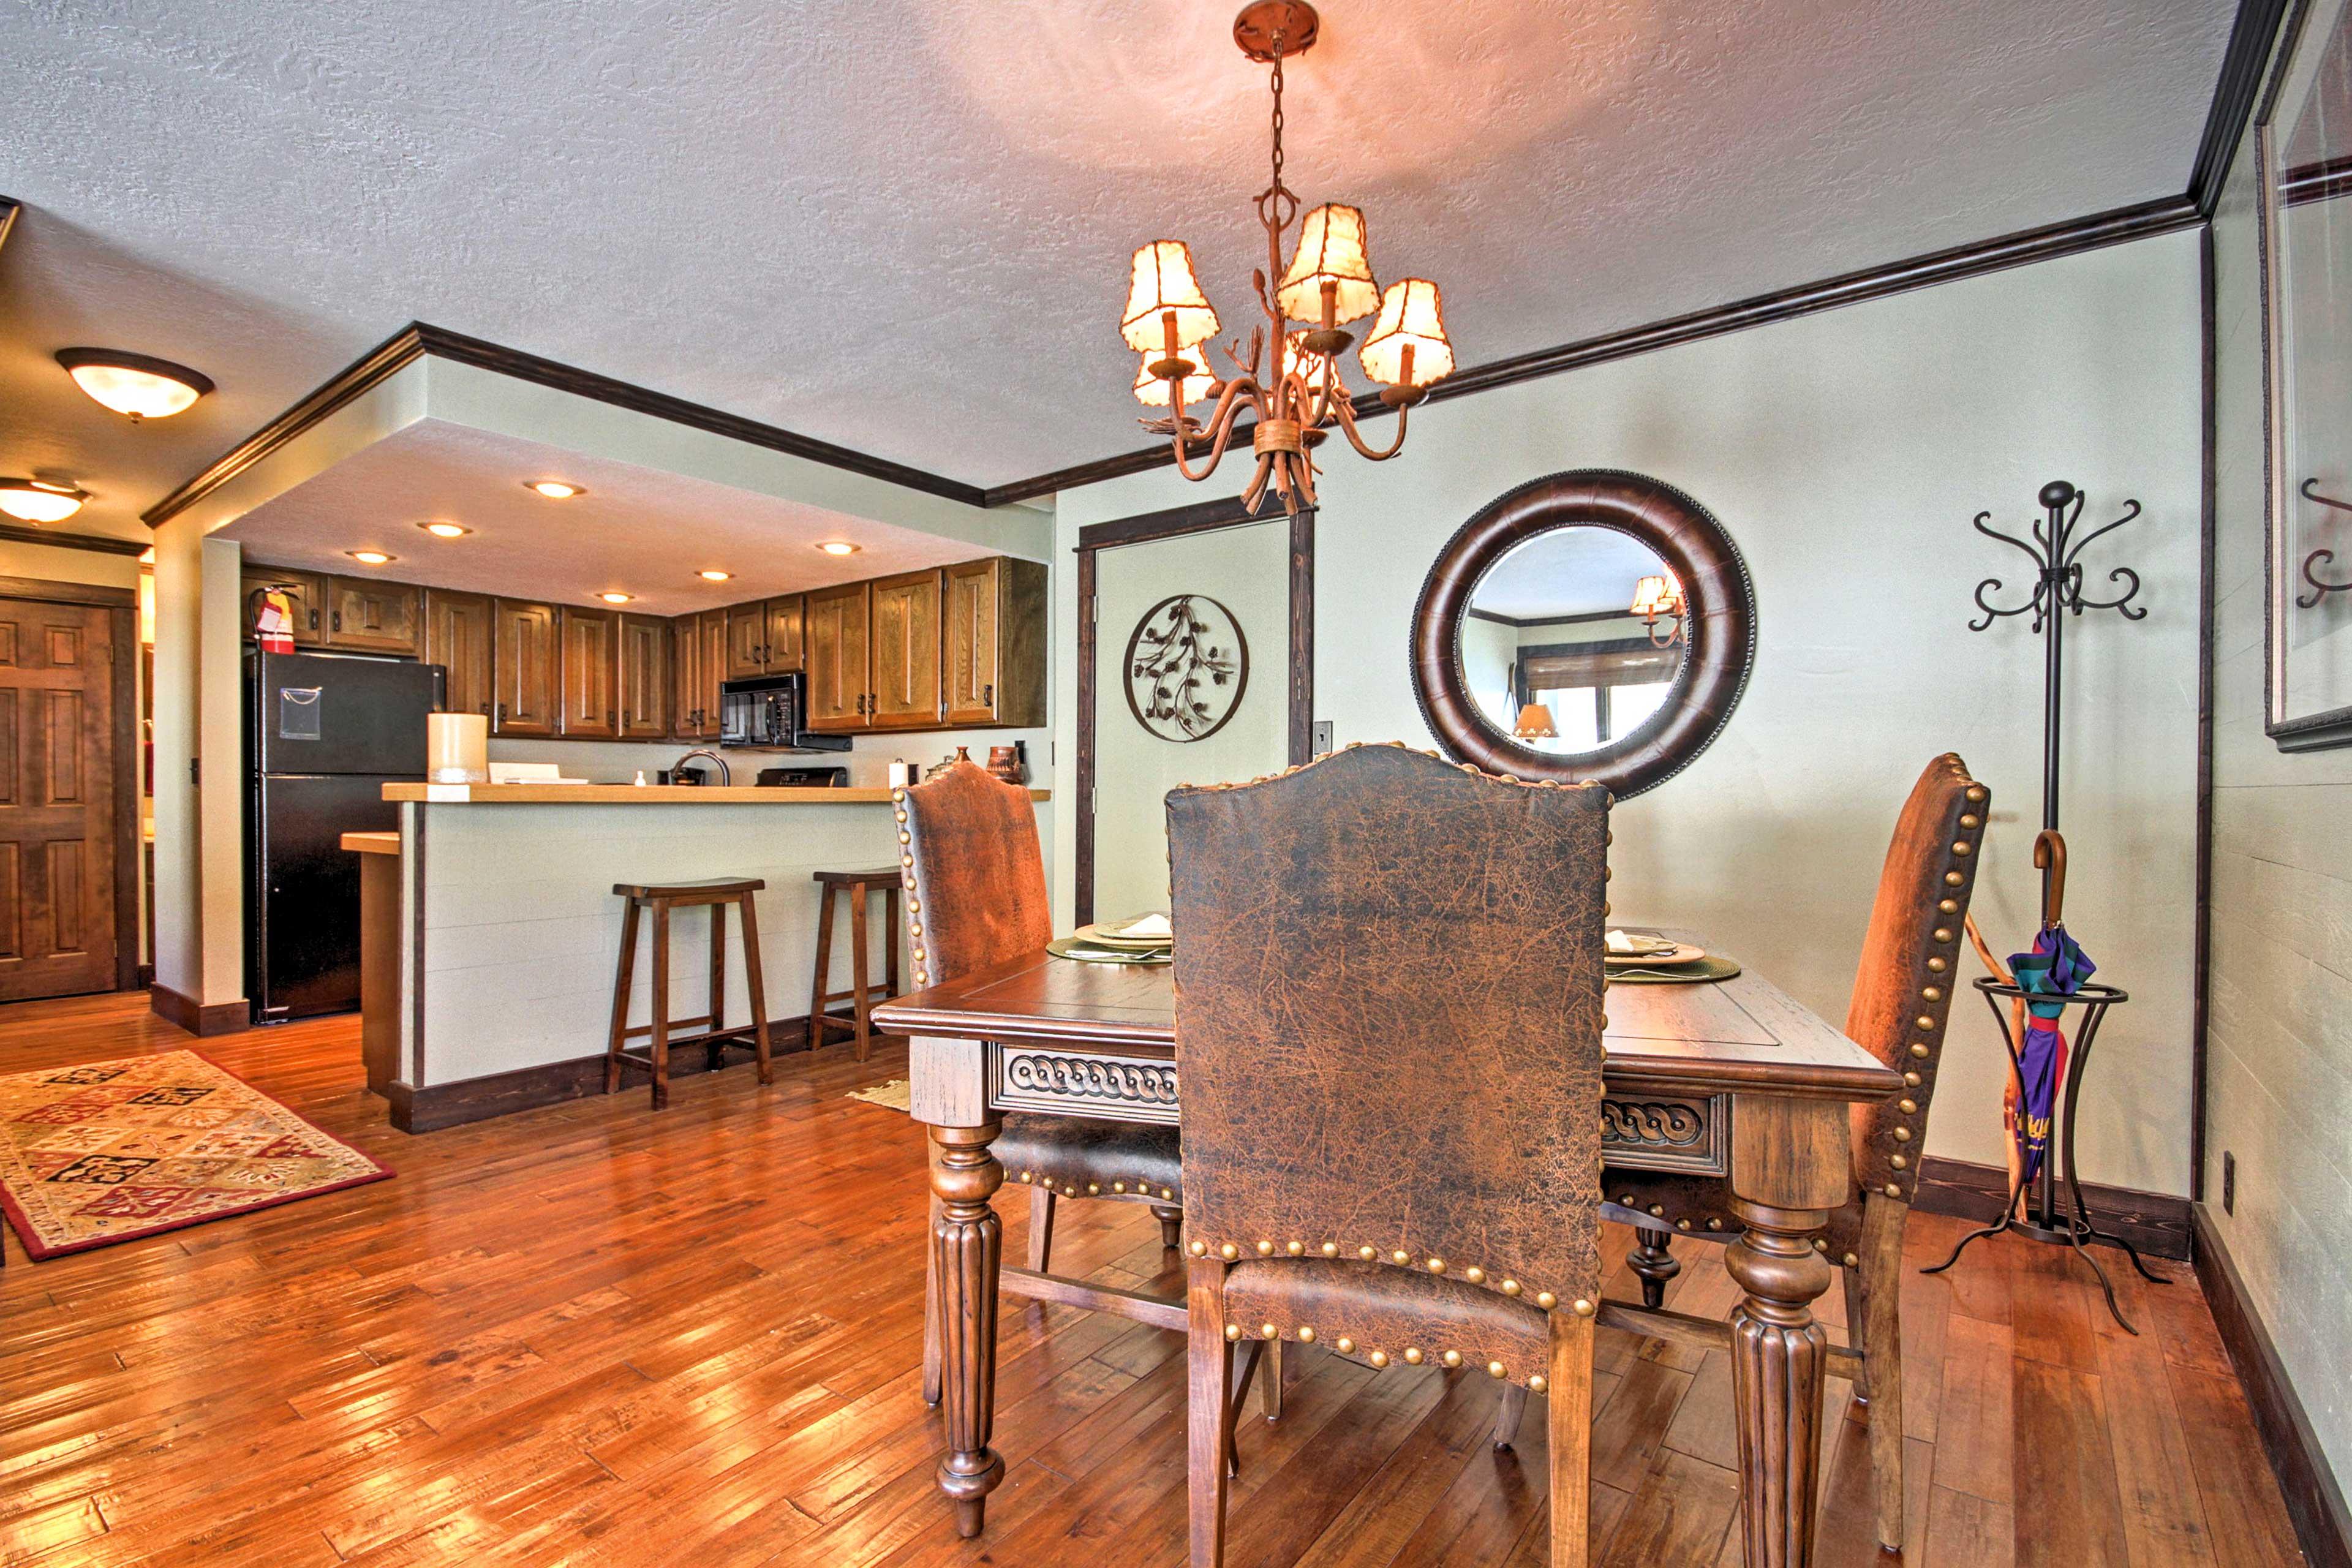 An open-floor-plan allows the condo to feel even more spacious.